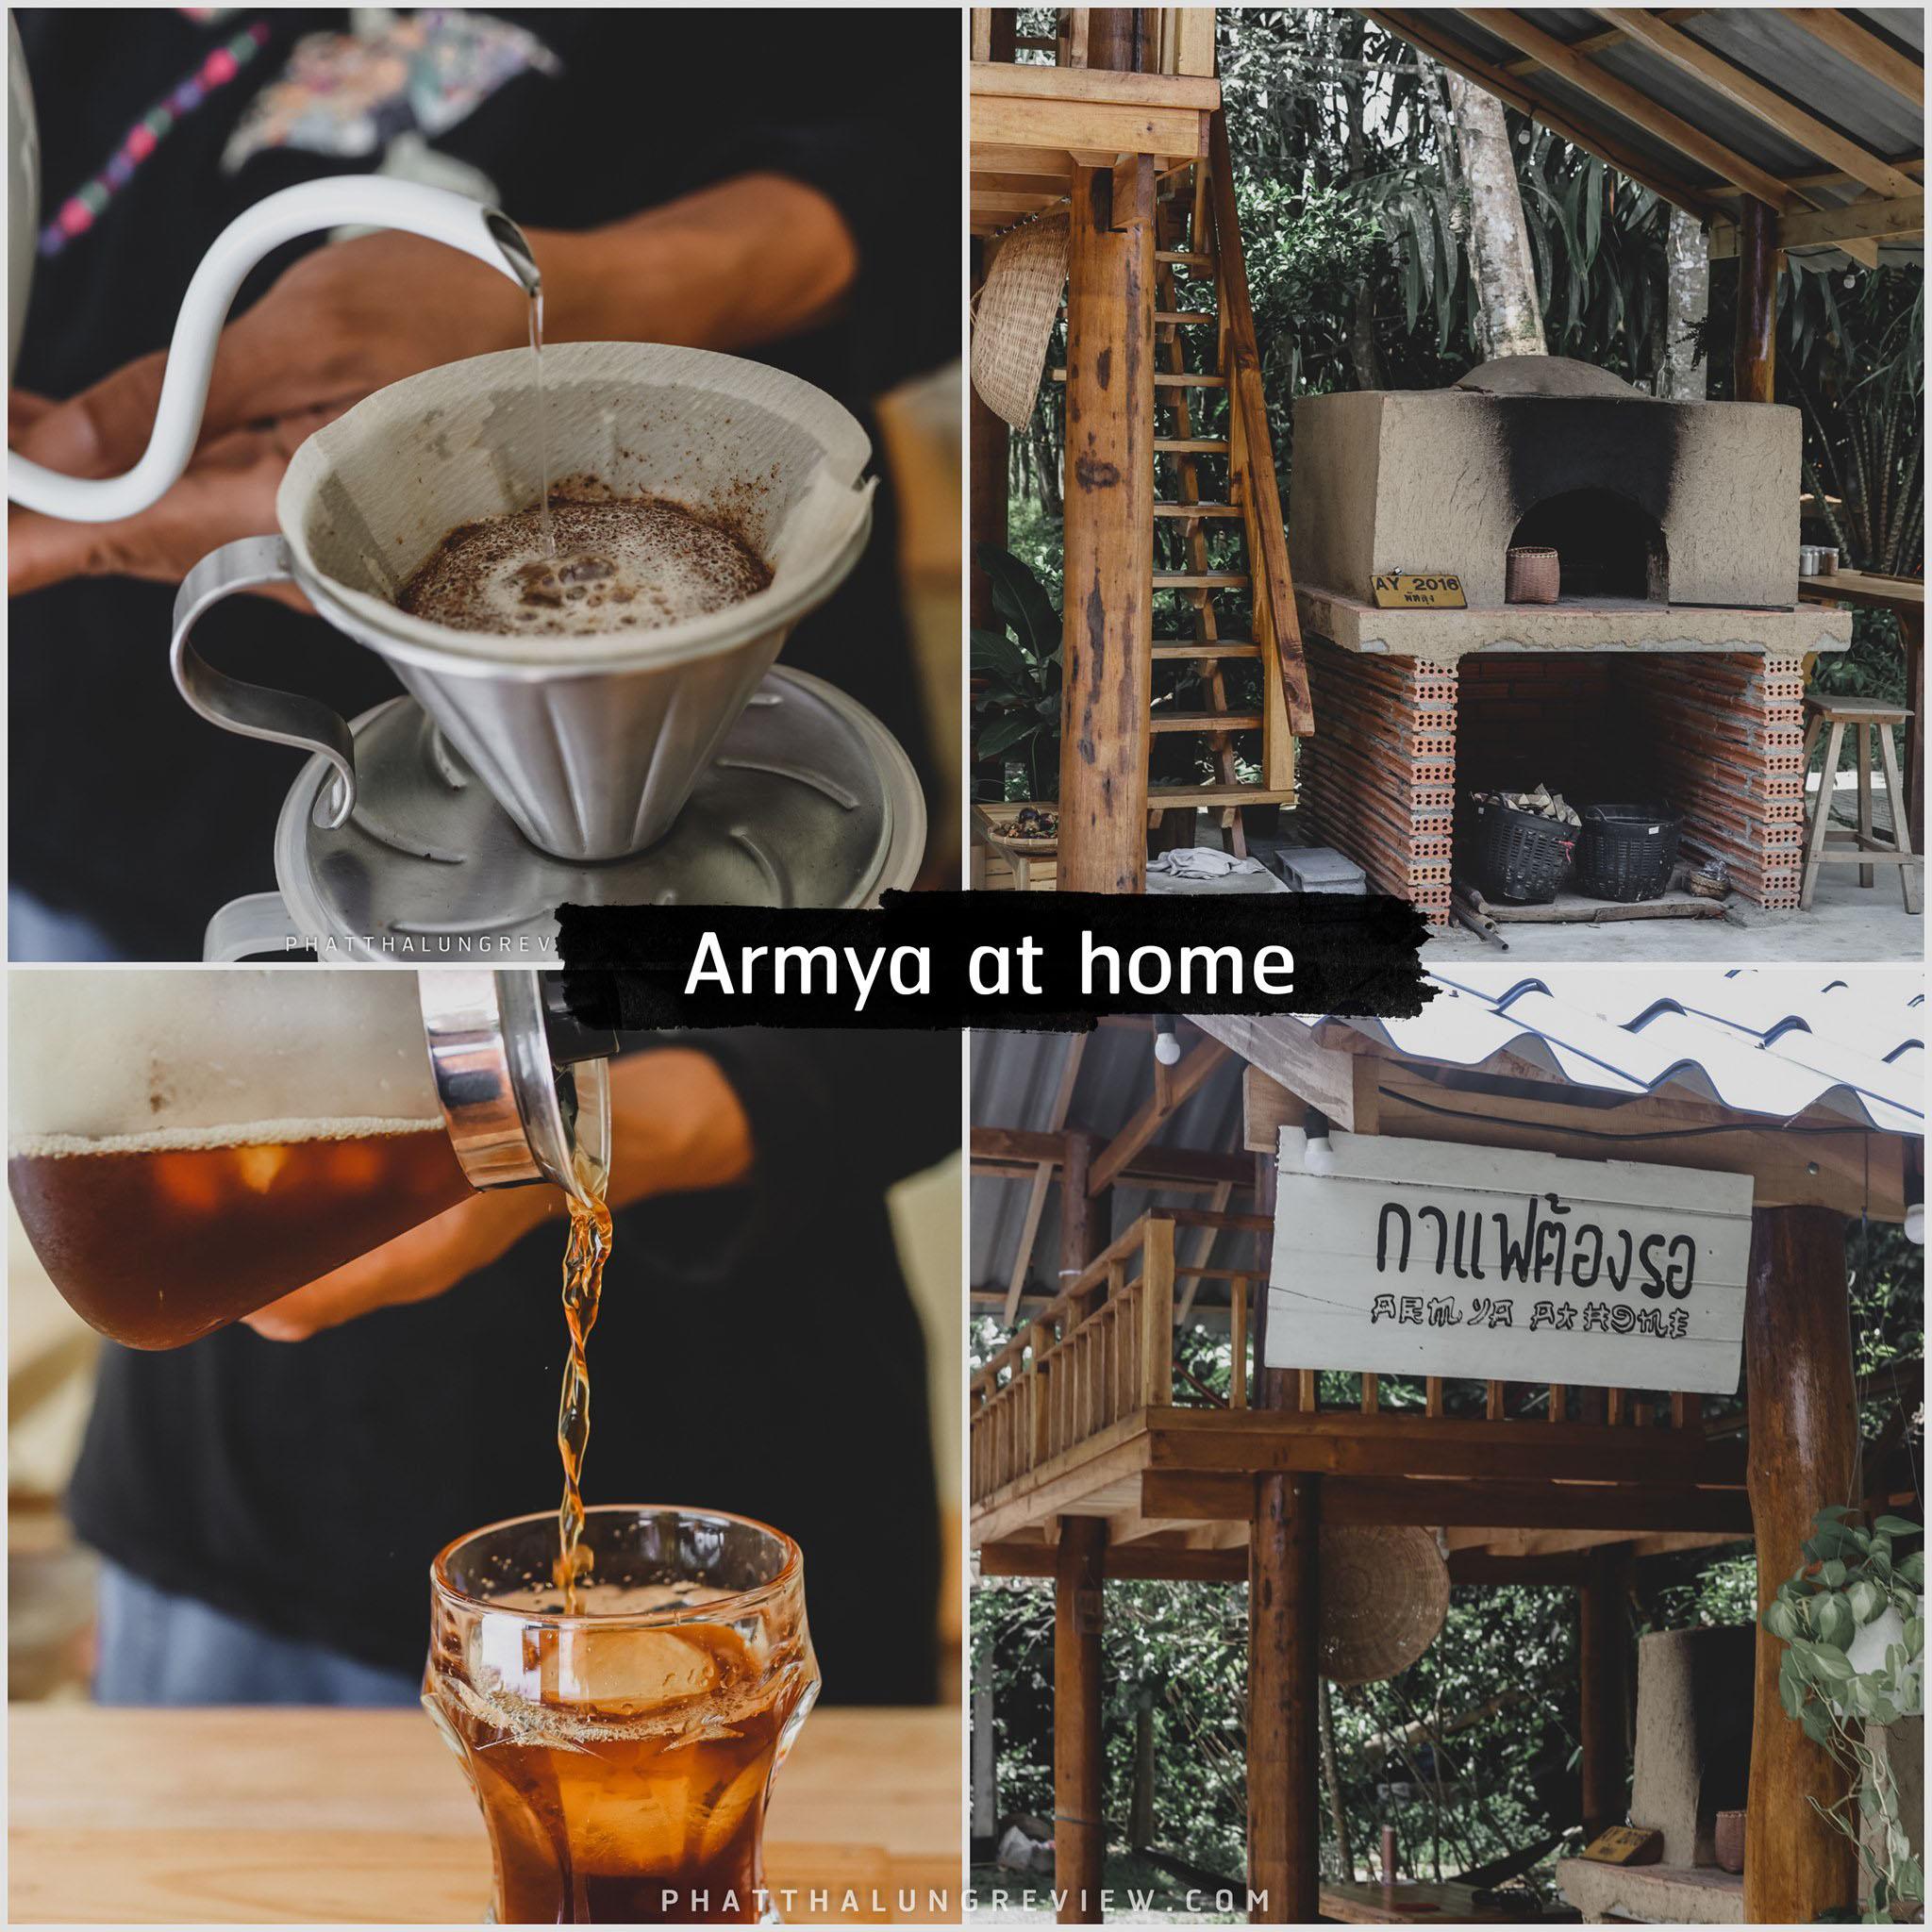 Armya-at-Home-บอกเลยที่นี่ต้องจองล่วงหน้าเท่านั้นน้าาา-มีทั้งกาแฟดริป-และสอนทำขนม-เบเกอรี่-ไปจนถึงทำพิซซ่า-และสอนทำบะหมี่-สปาเกตตี้ด้วย-จากผลิตภัณฑ์ธรรมชาติครับ พัทลุง,ที่เที่ยว,จุดเช็คอิน,คาเฟ่,ของกิน,ที่พัก,รีสอร์ท